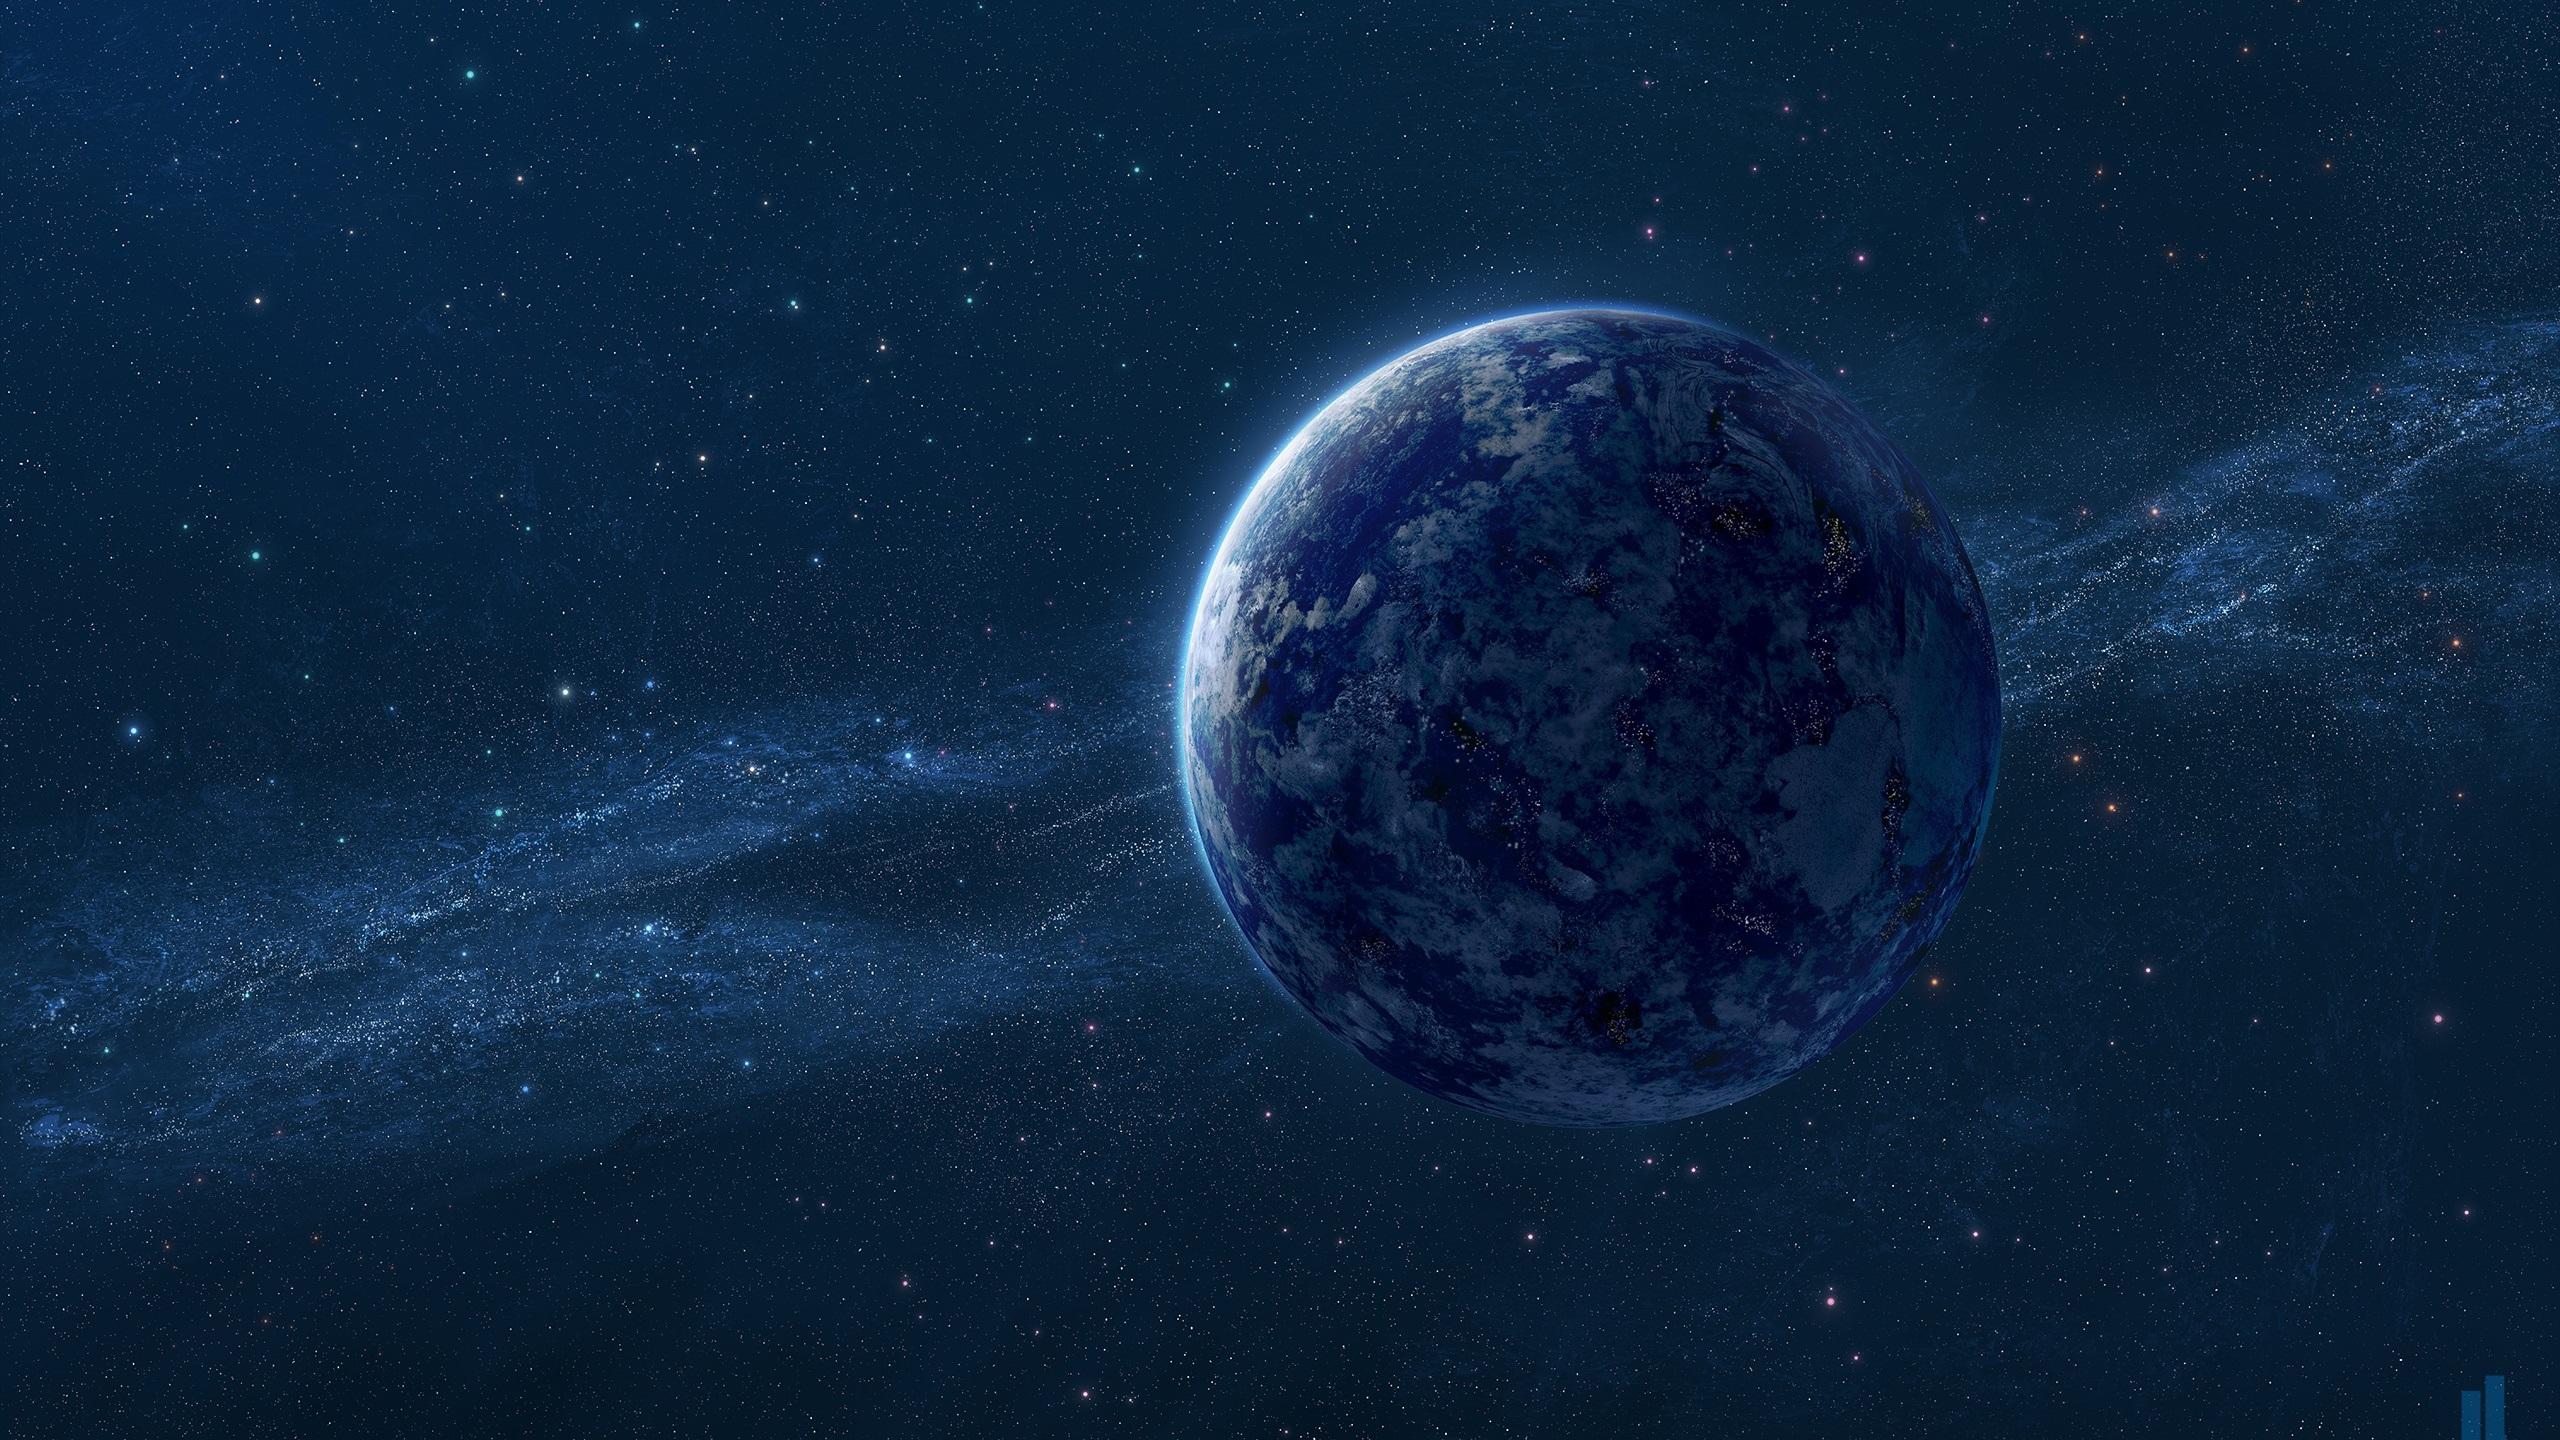 Fonds Décran Blue Earth La Voie Lactée Les étoiles L